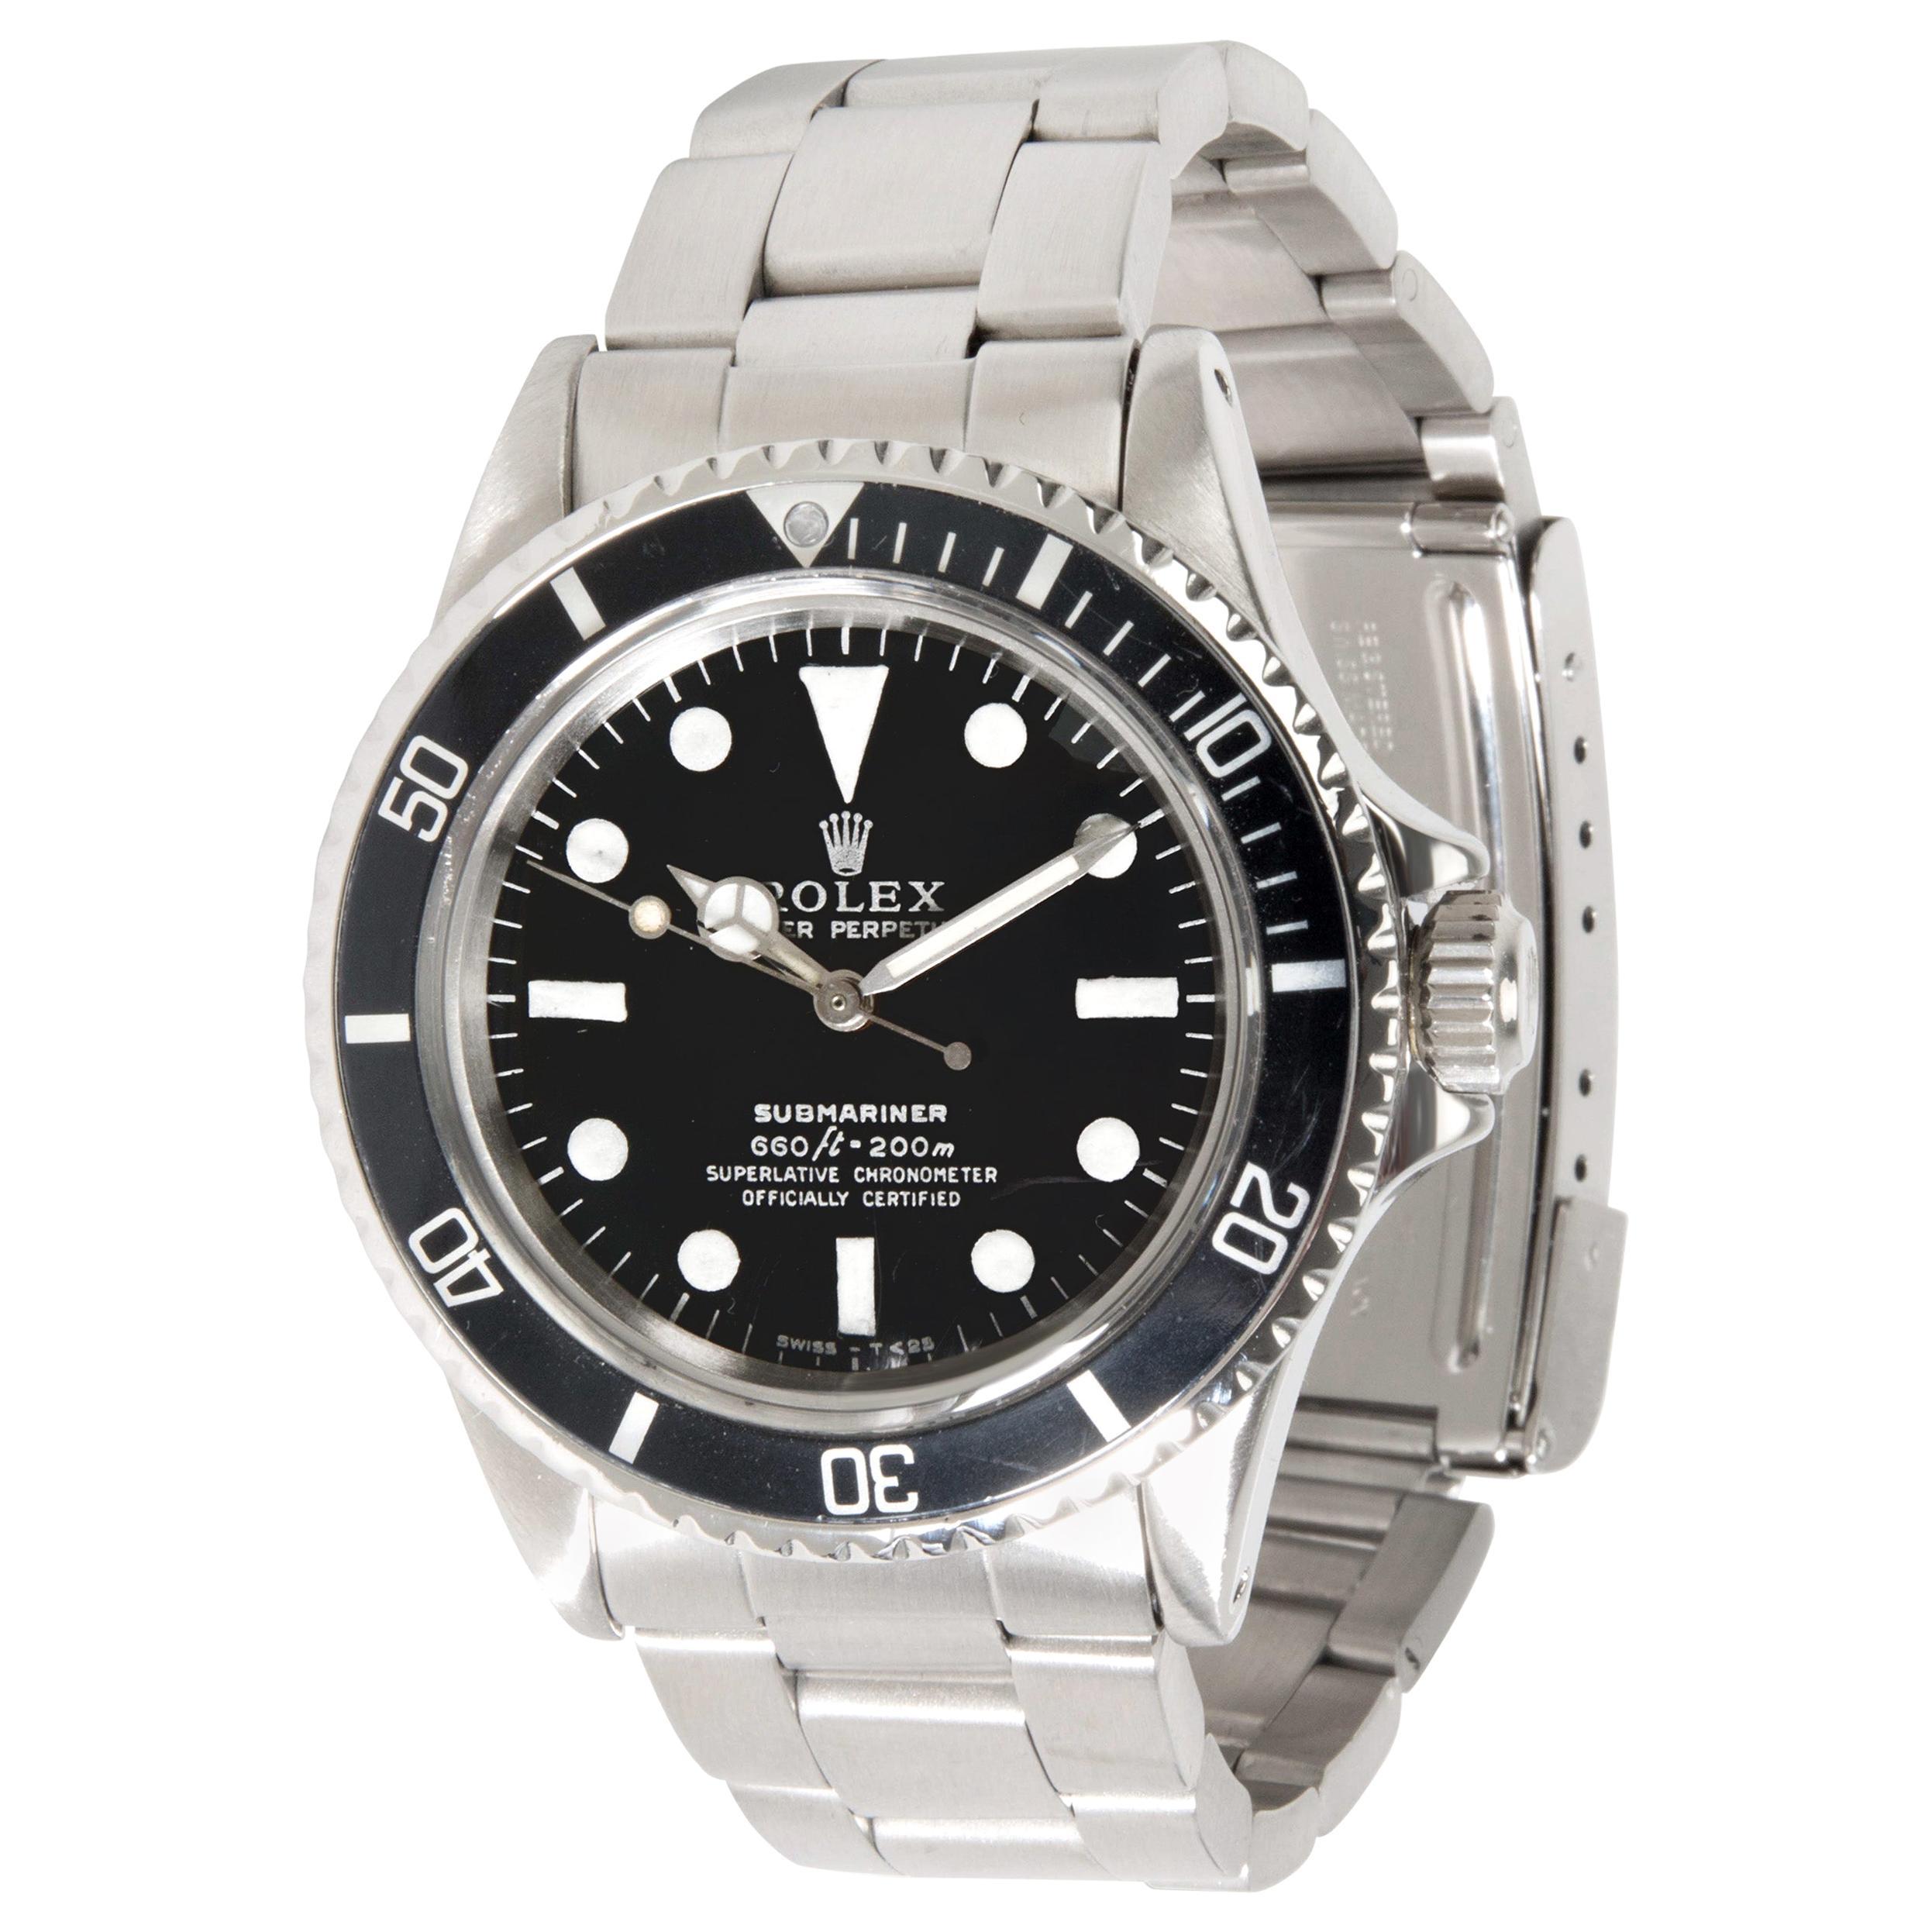 Vintage Rolex Submariner 5512/5513 Men's Watch in Stainless Steel